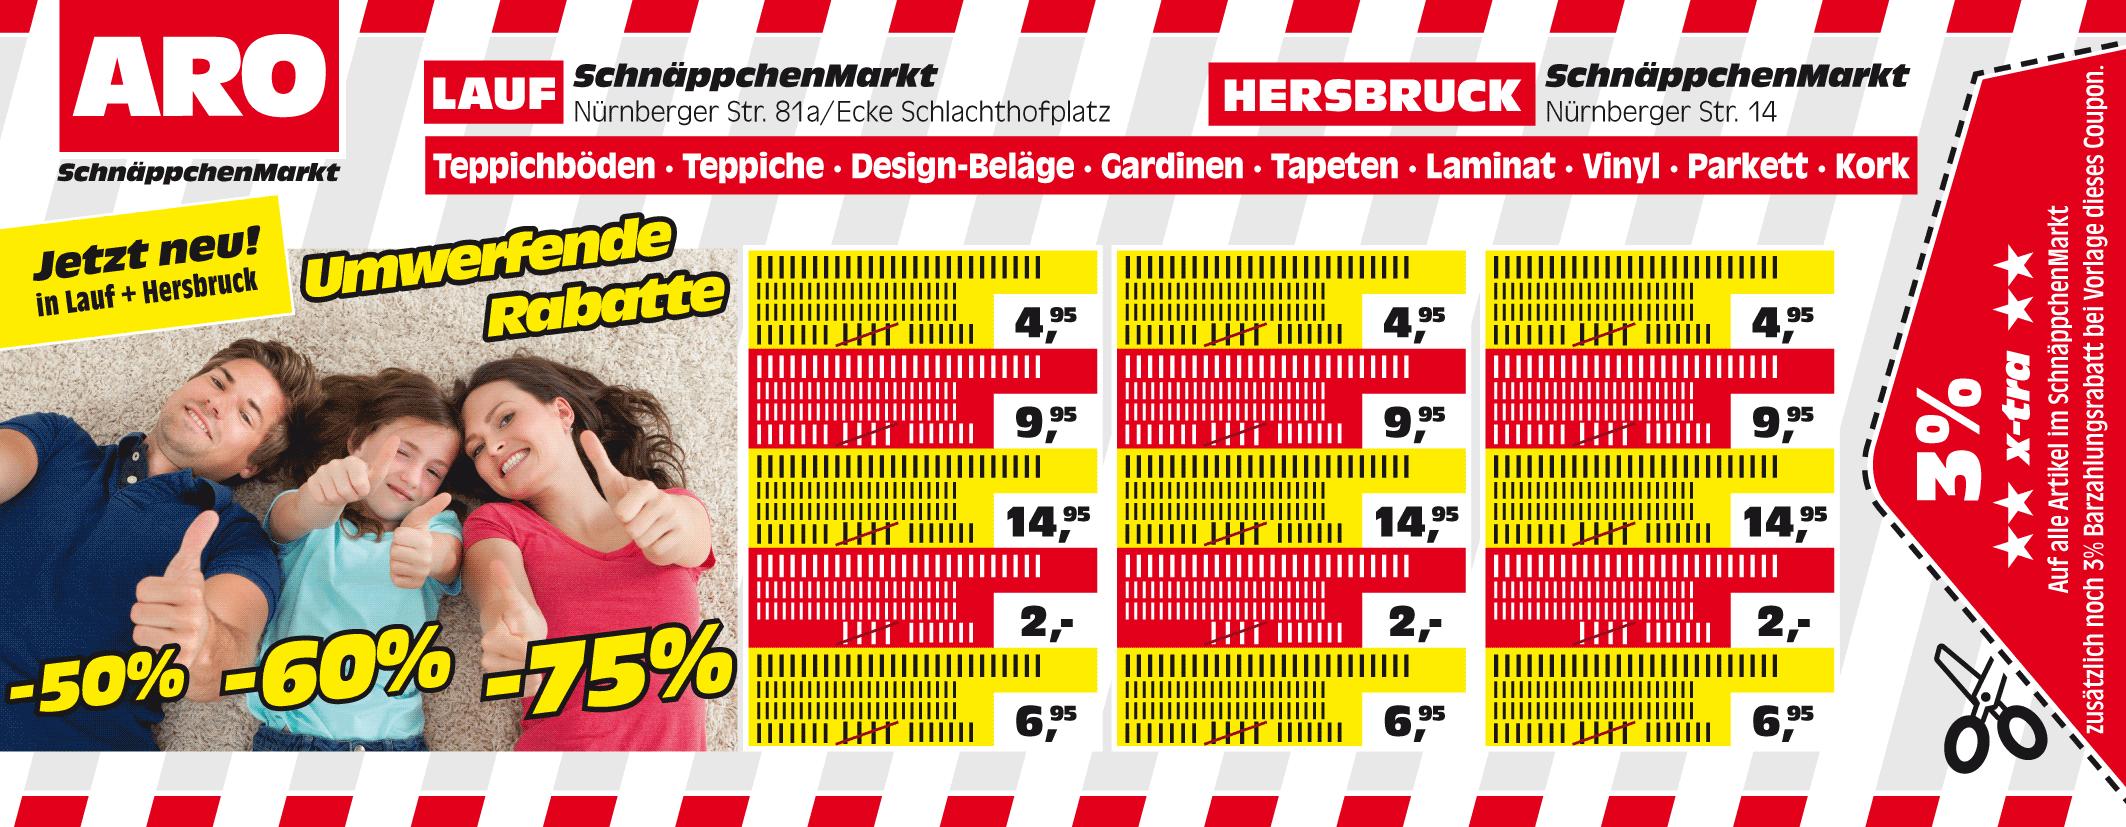 Aro Nürnberg anzeigengestaltung für einen heimtextilien discountmarkt